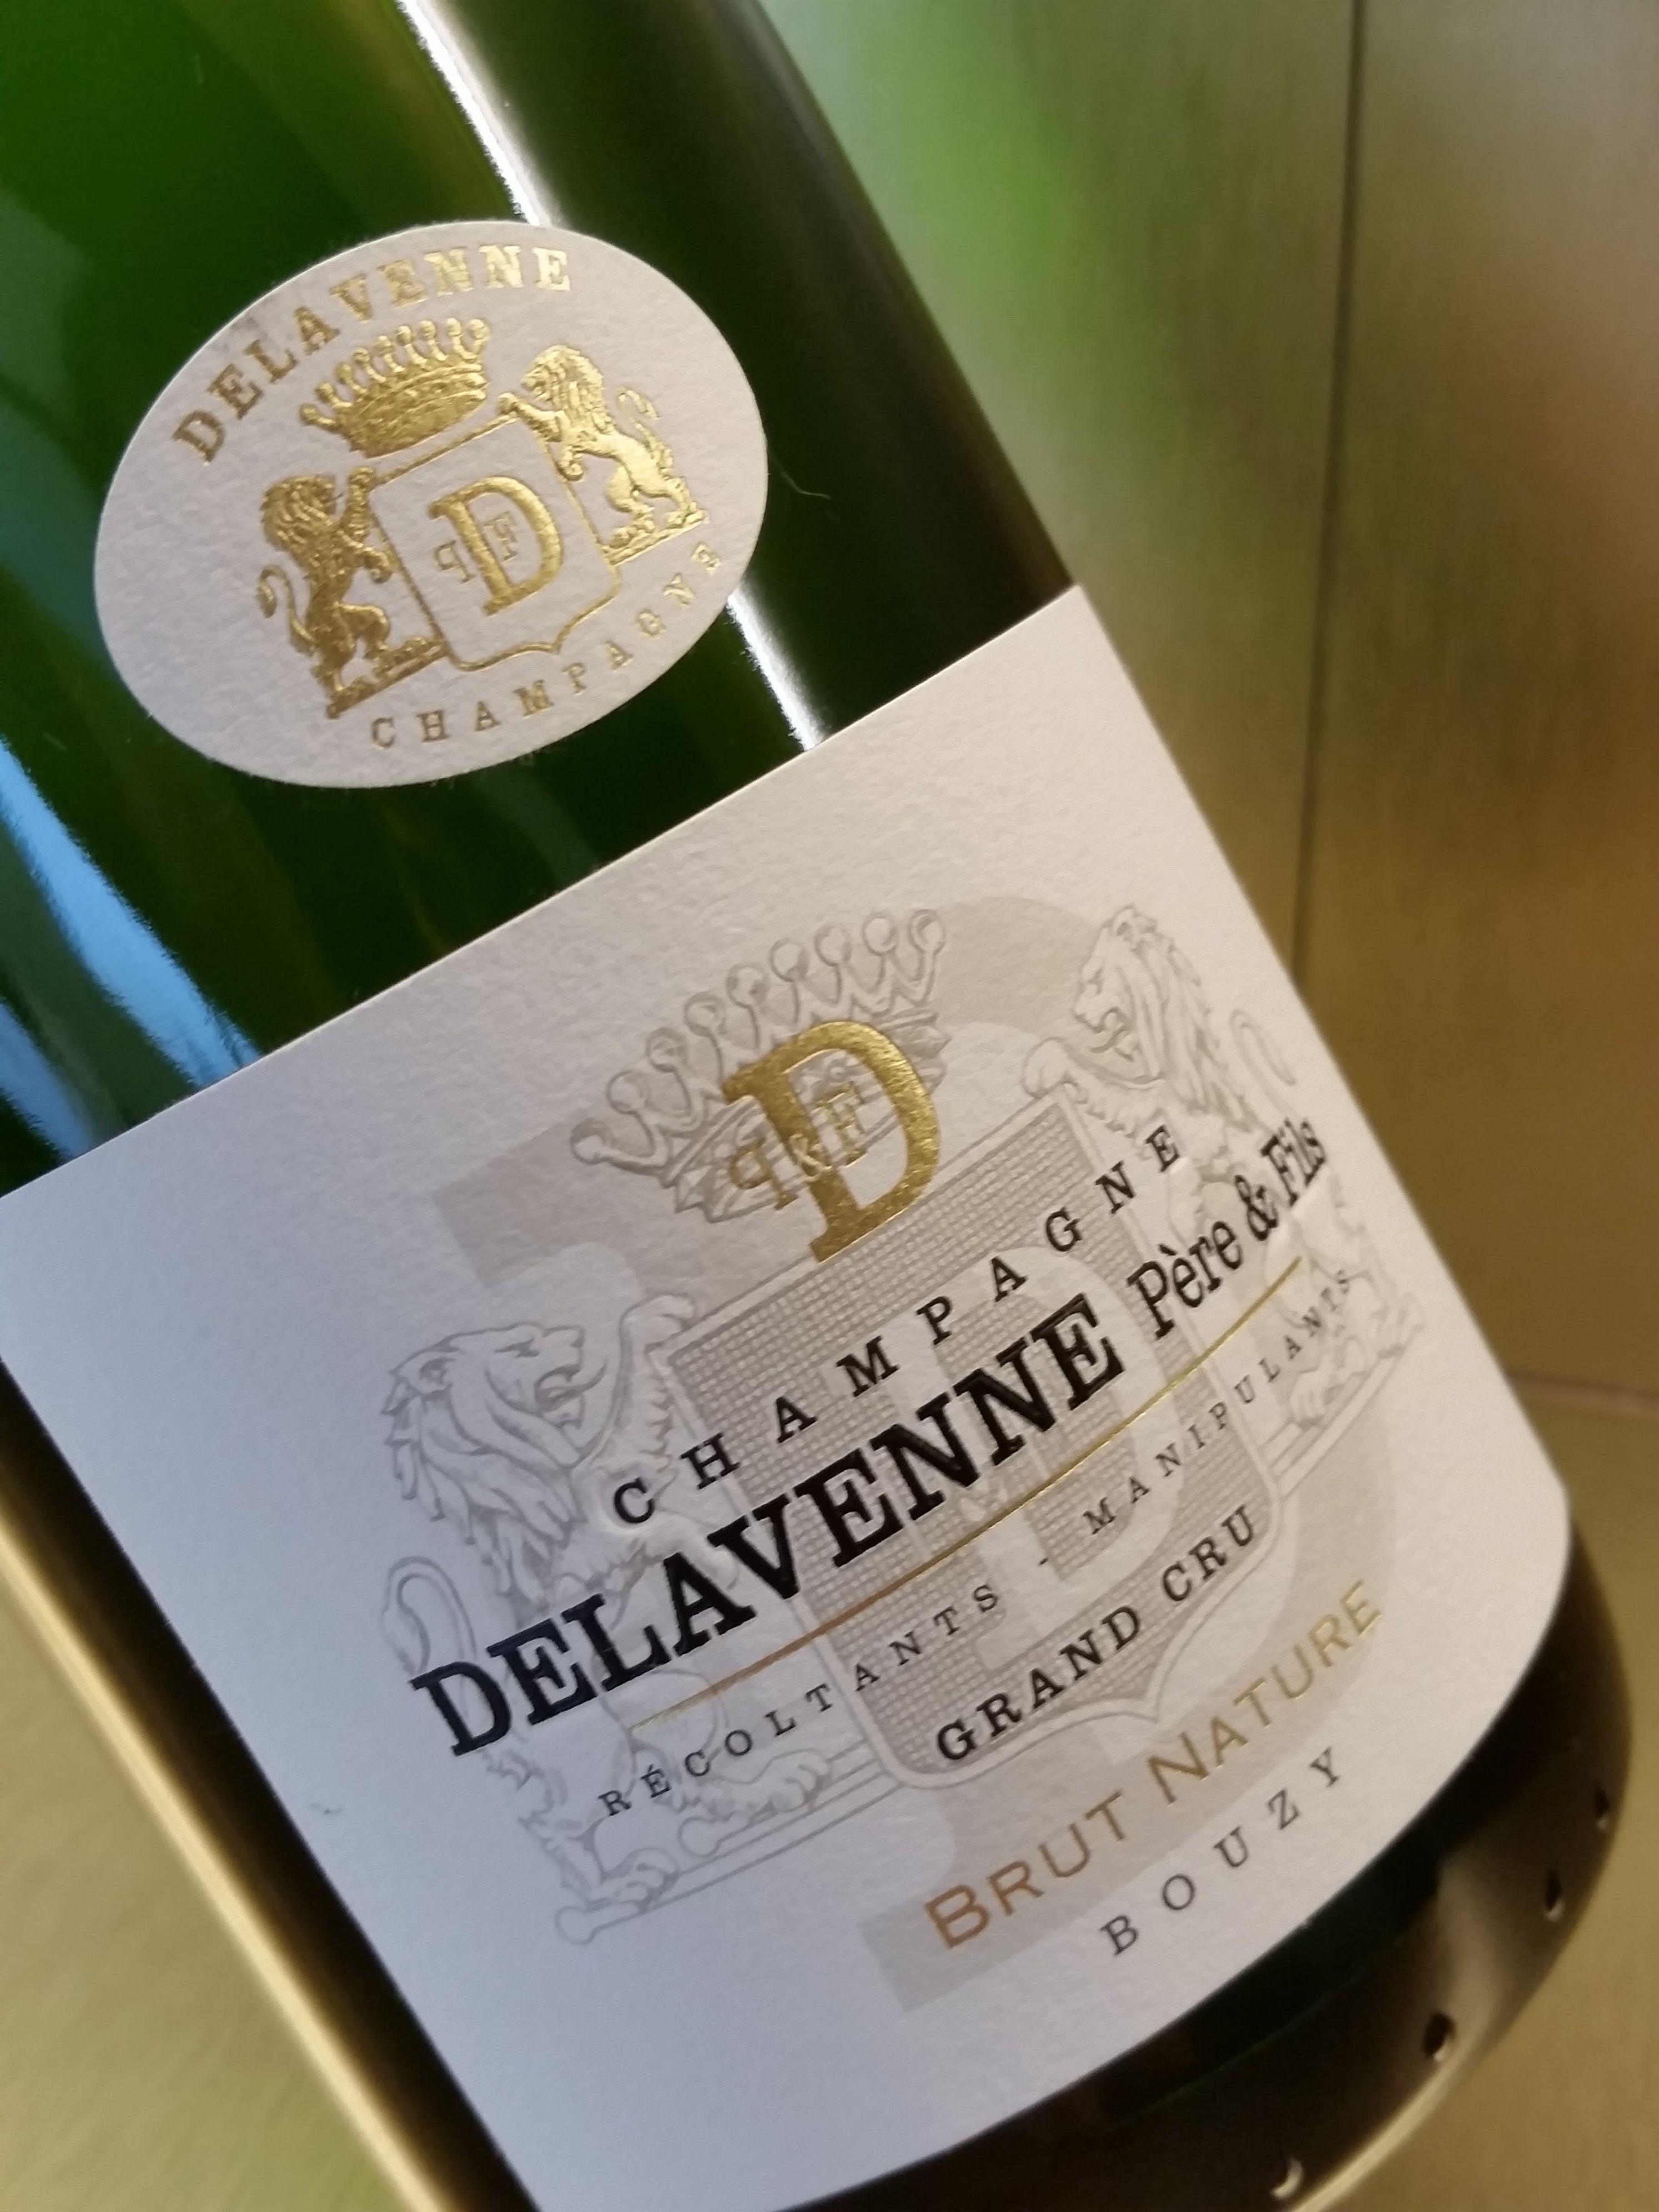 Champagne Delavenne Père & Fils, Bouzy, France